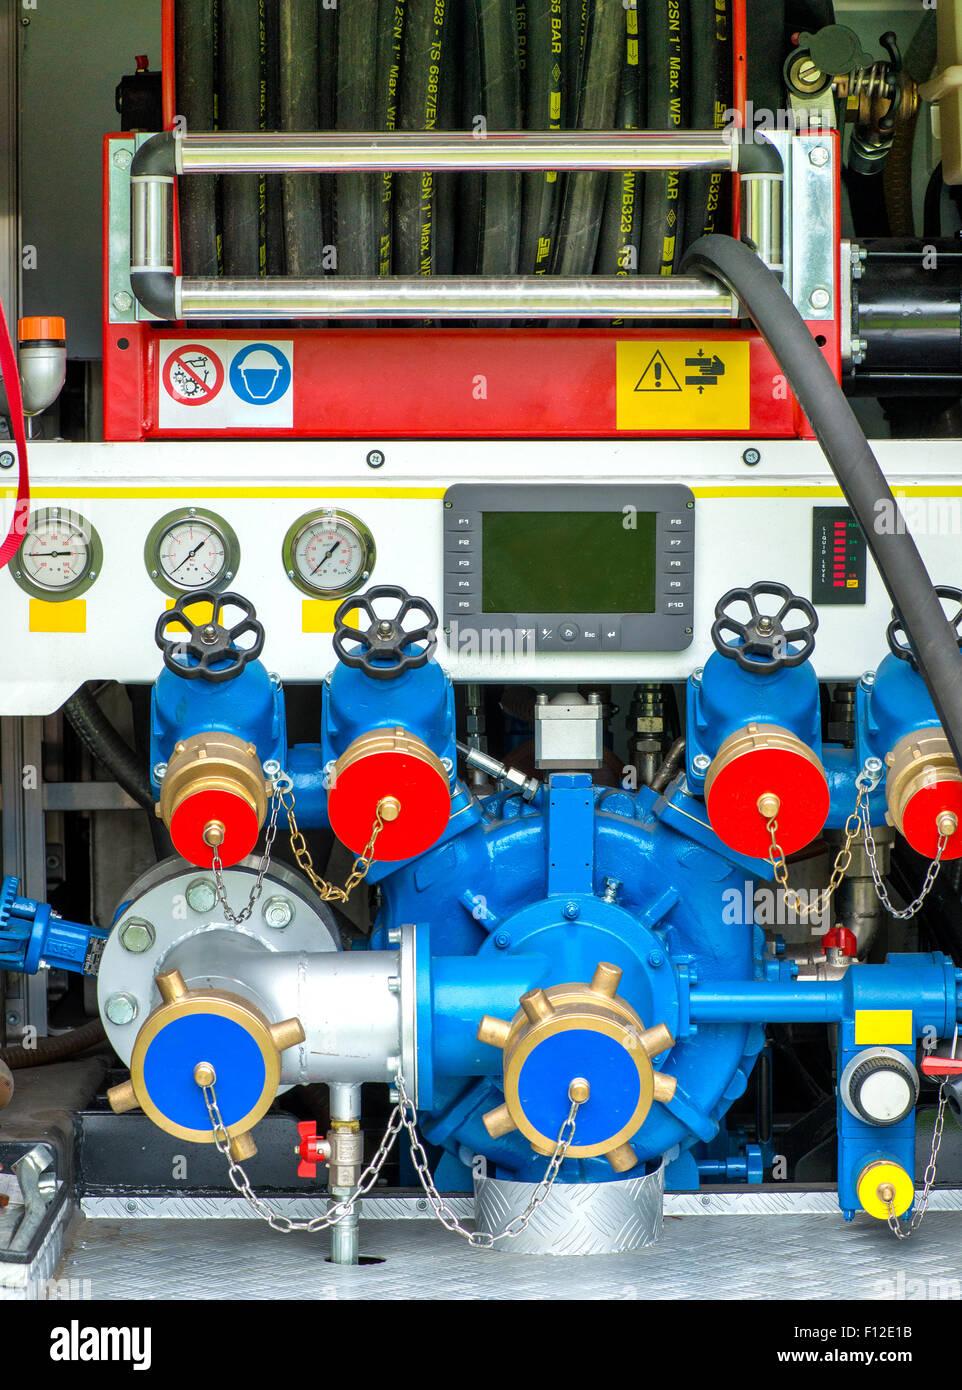 AEG Geschirrspülerschlauch von der Ablaufwanne zur Pumpe Schlauch Entleerungspum